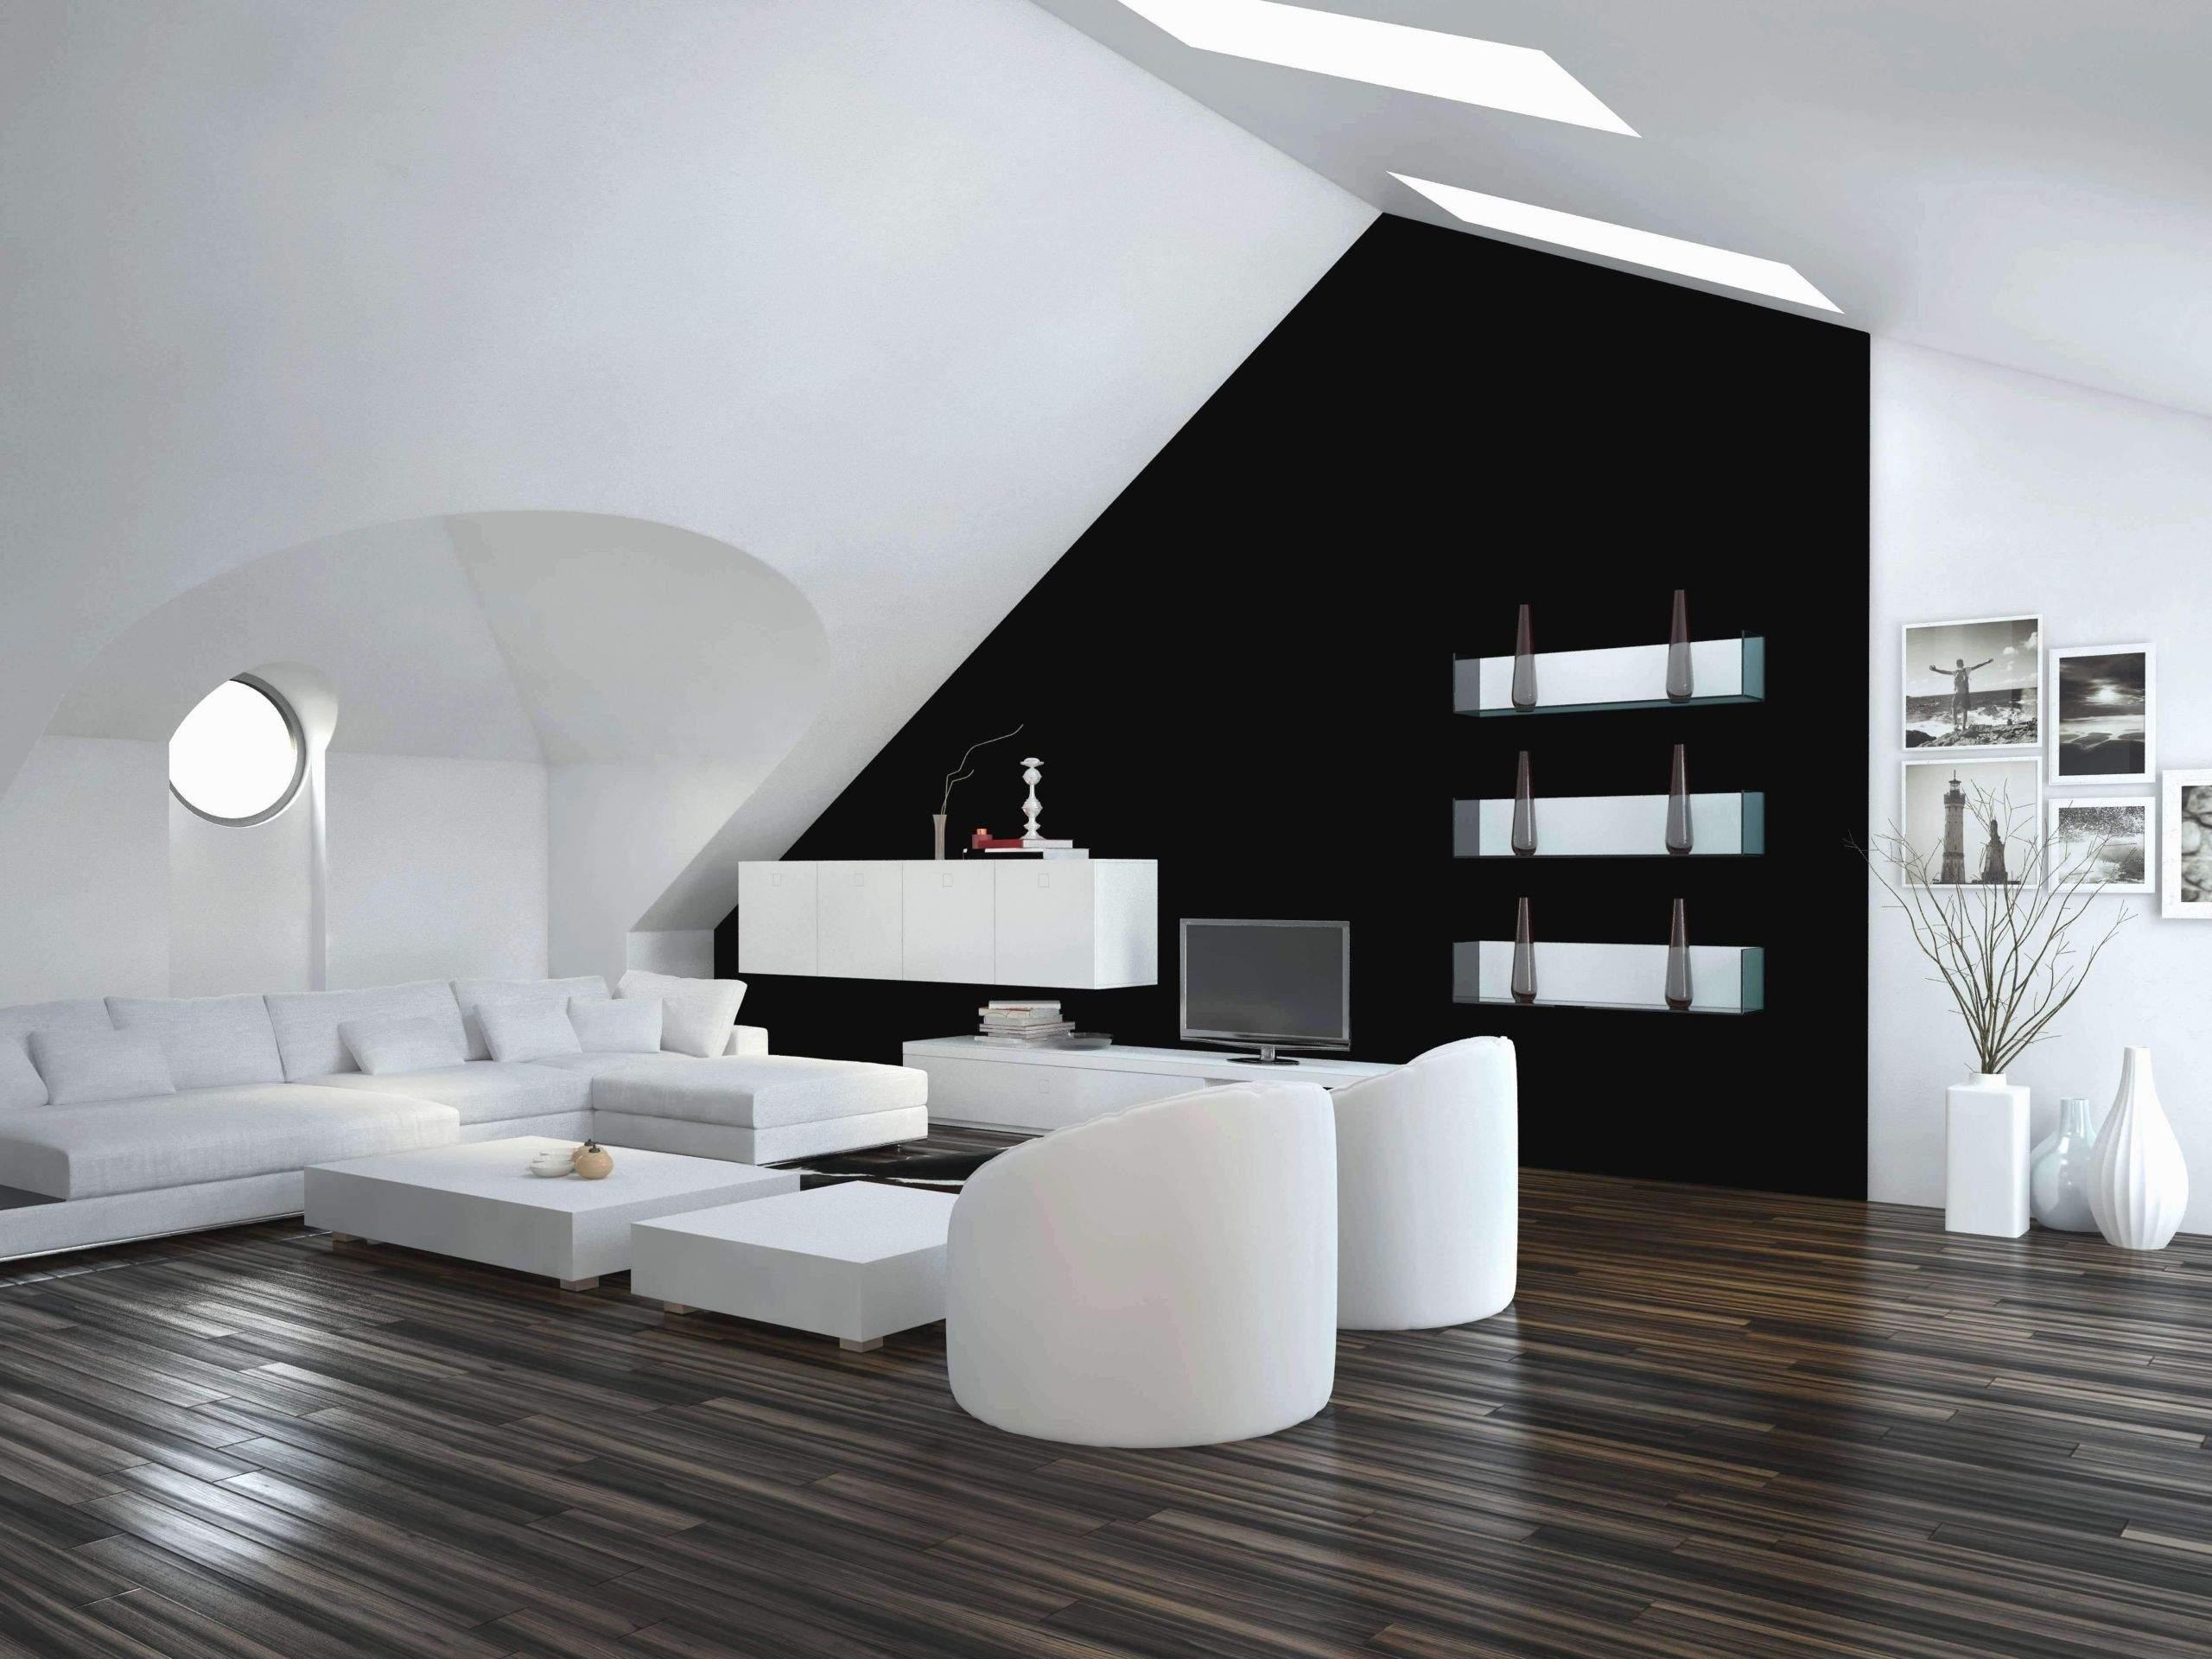 Full Size of Wanddeko Wohnzimmer Bilder Metall Silber Modern Ikea Amazon Ideen Einzigartig Luxuriser Großes Bild Decken Fürs Tapeten Fototapeten Stehlampe Teppich Wohnzimmer Wanddeko Wohnzimmer